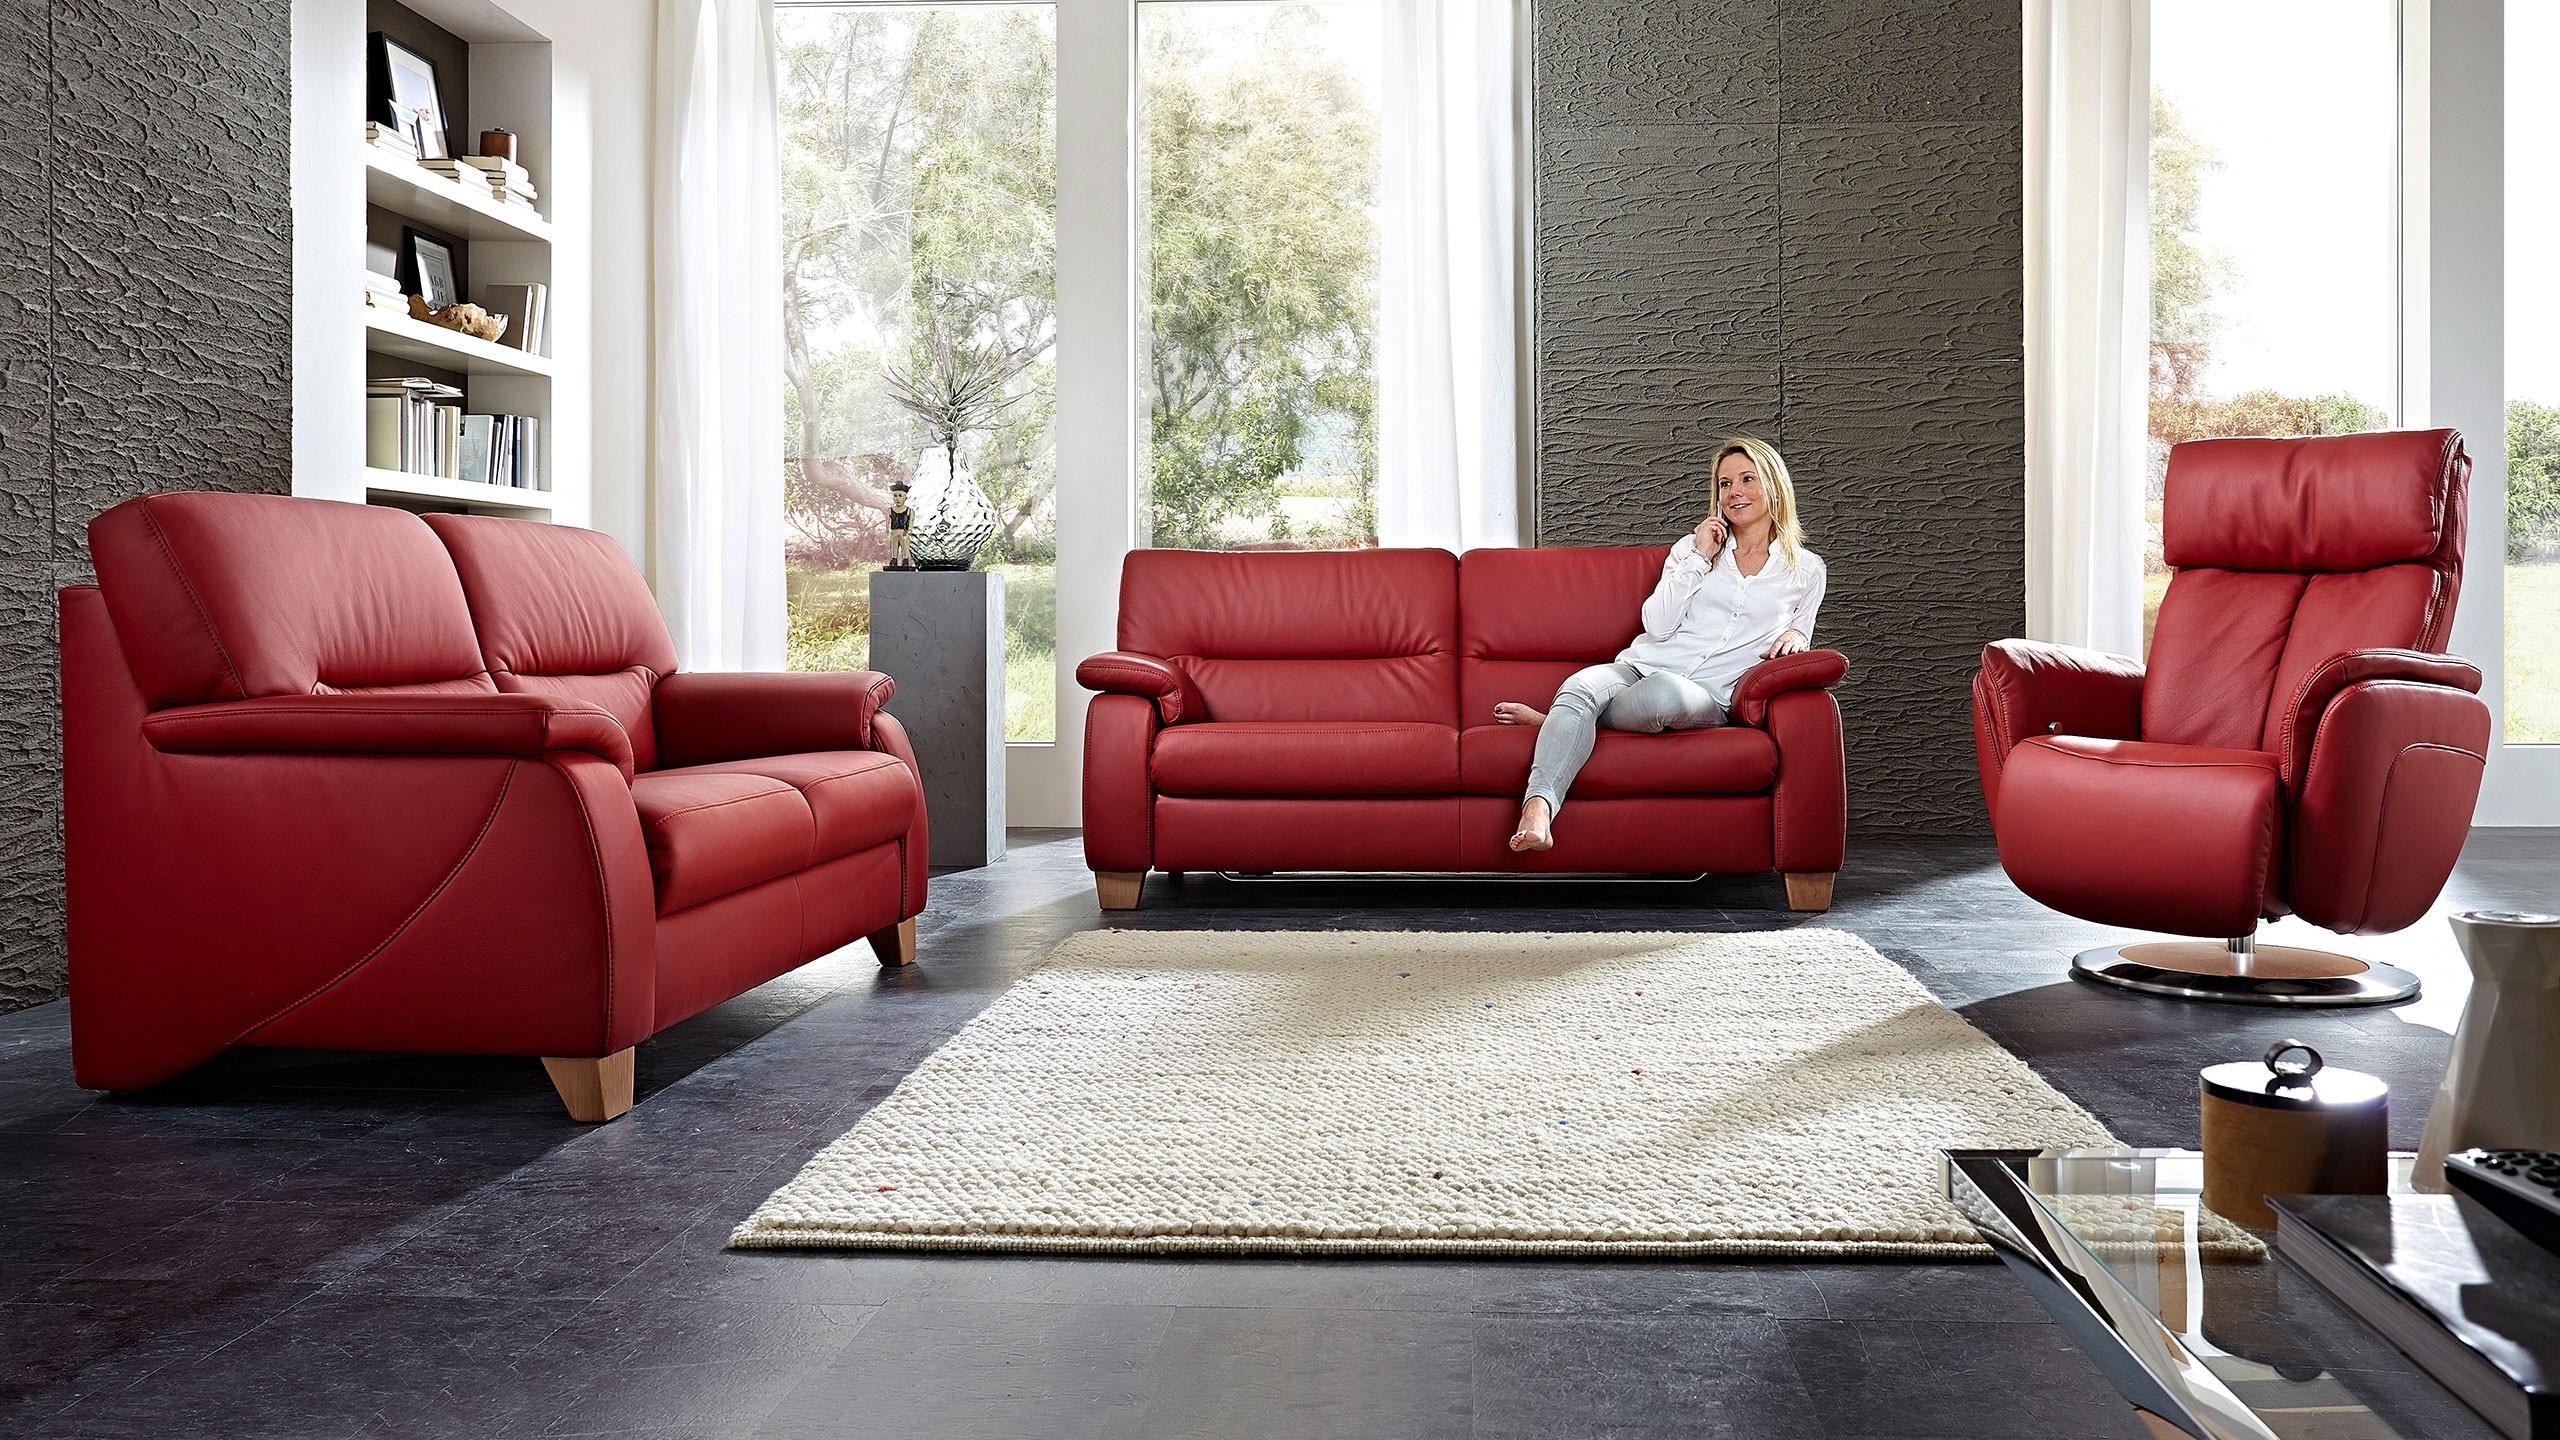 Korsika Sofa Garnitur Leder Rot